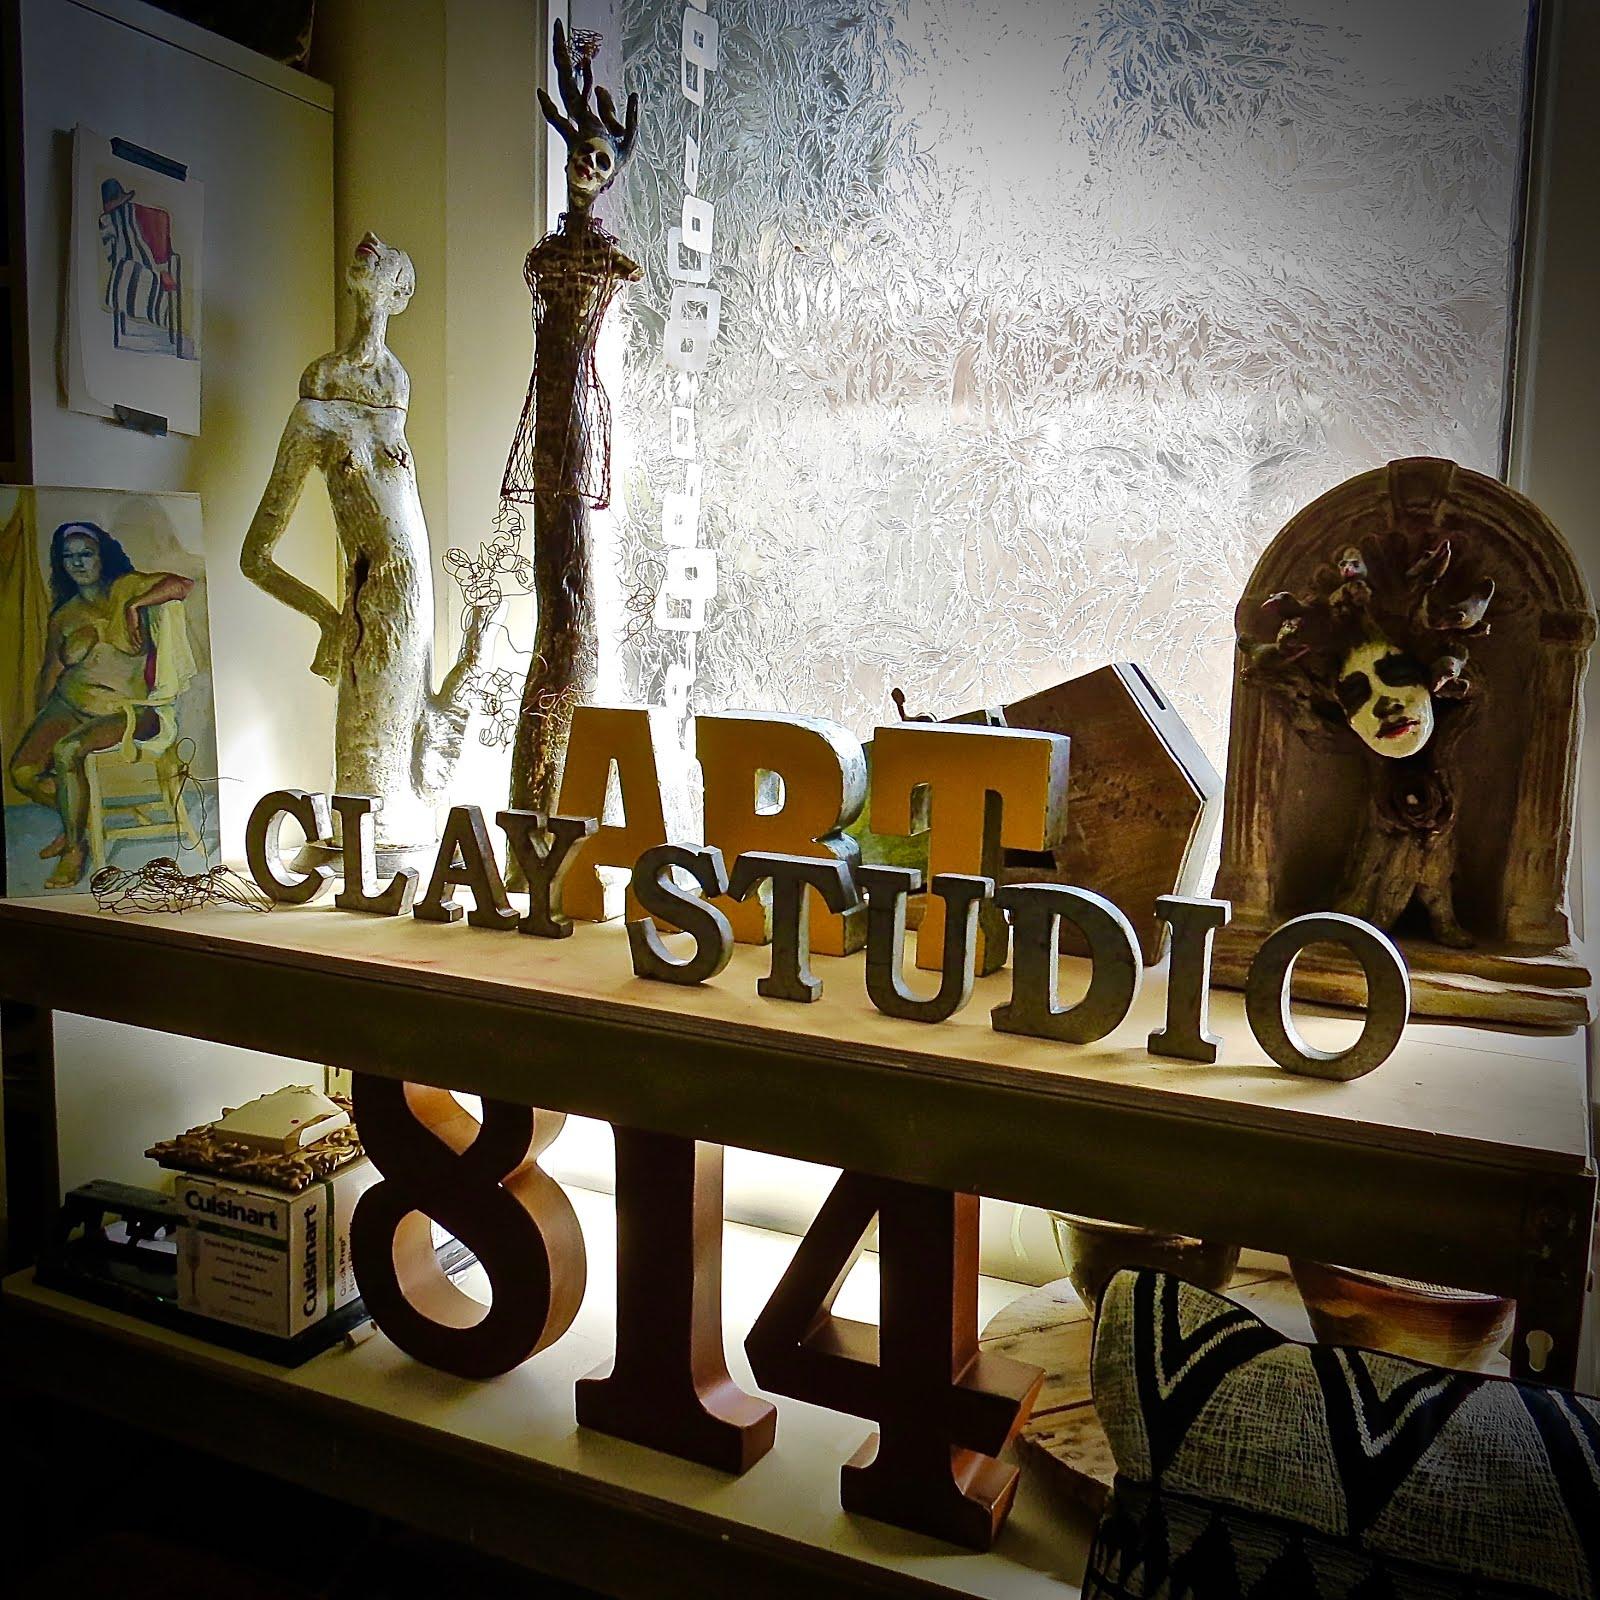 clayArtstudio814  (click image)